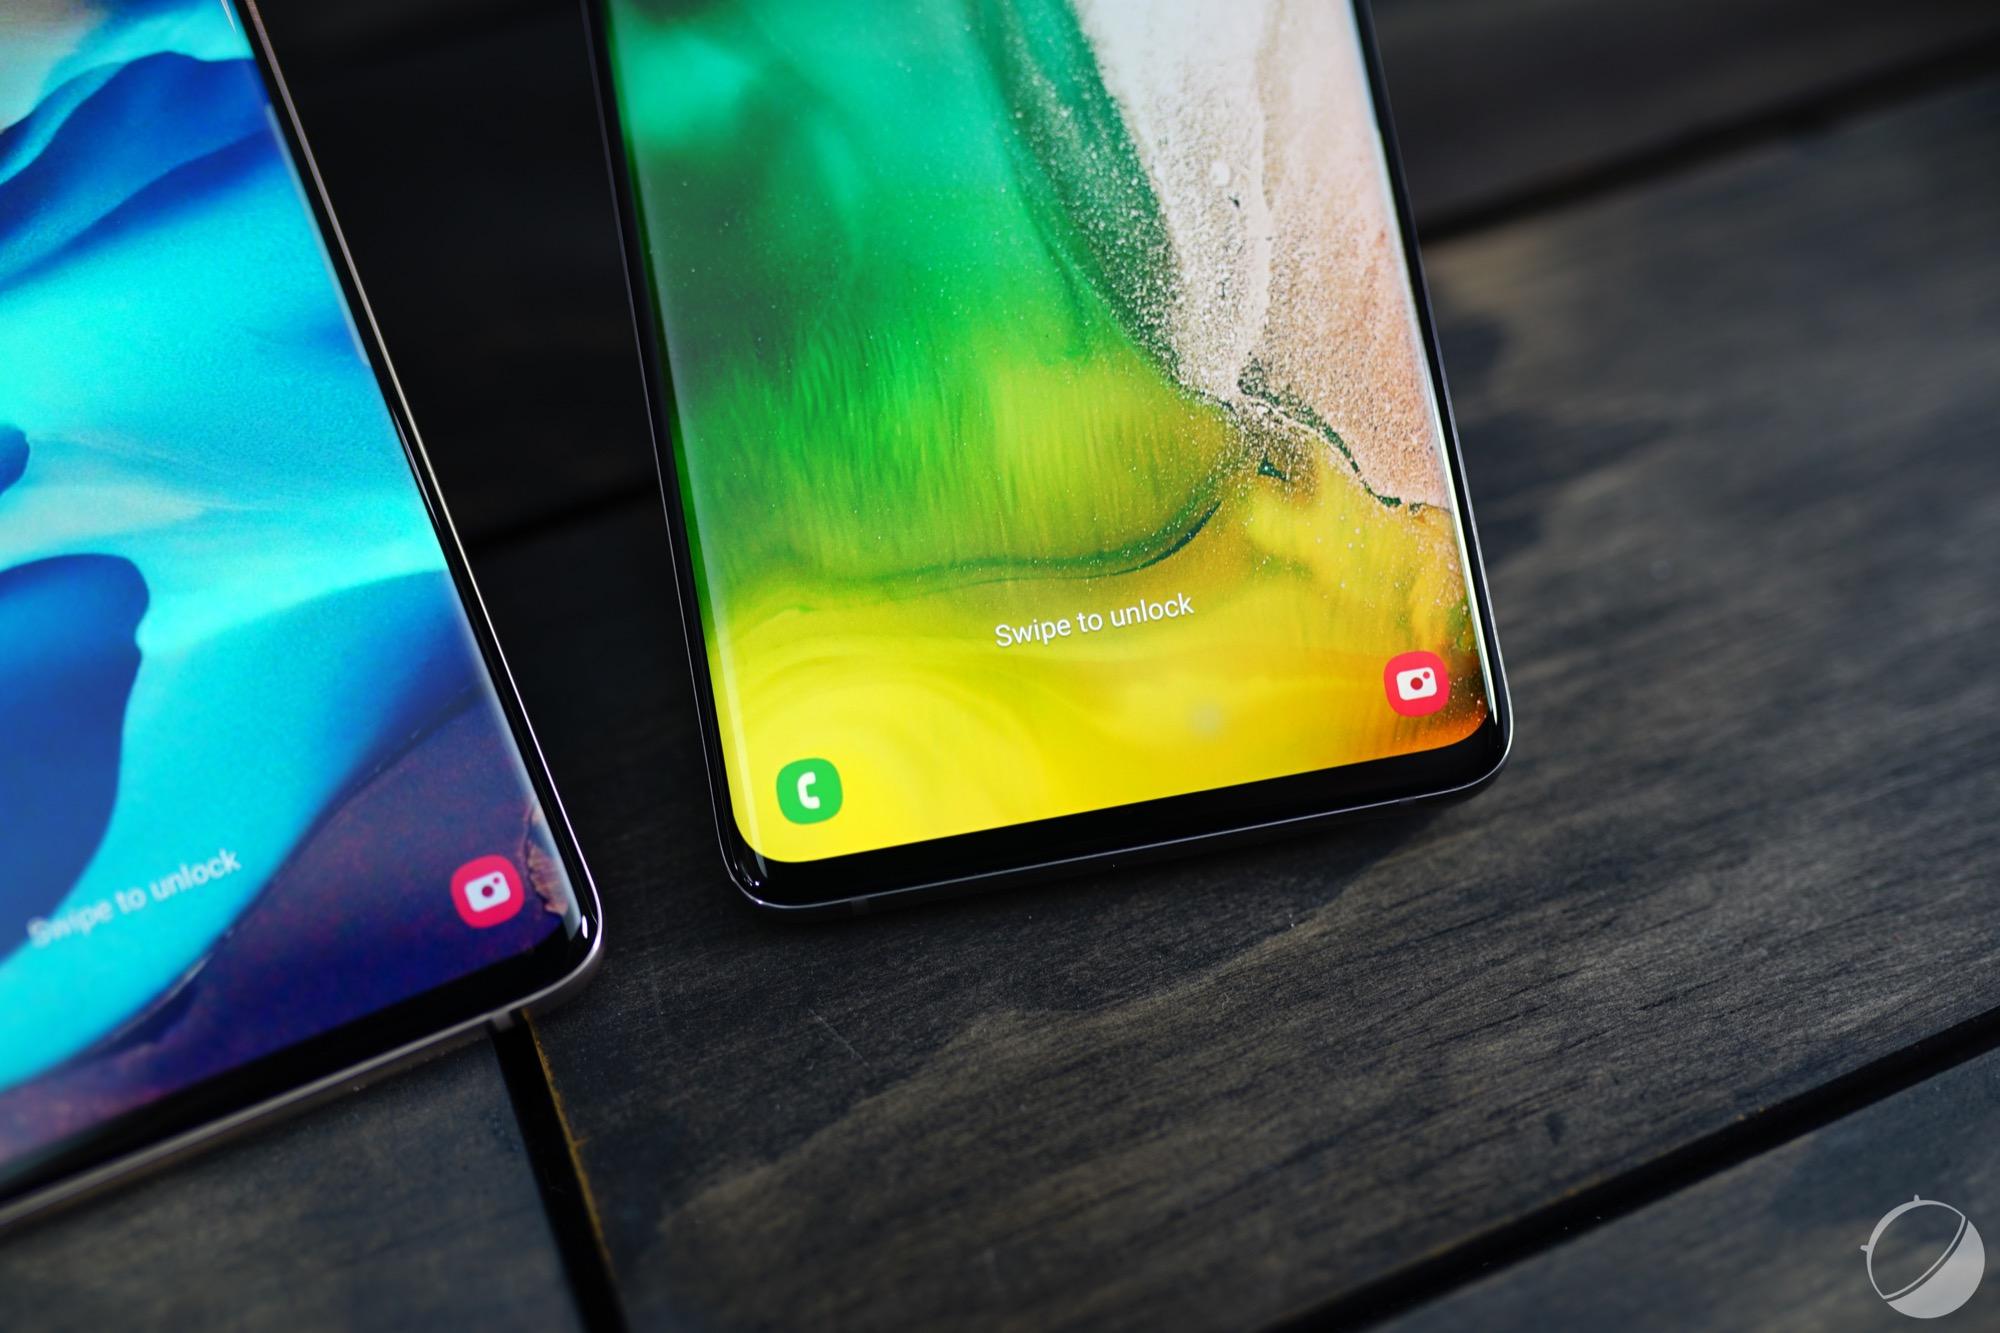 Samsung Galaxy S10 : un lecteur d'empreintes bien résistant, mais gare aux fissures d'écran